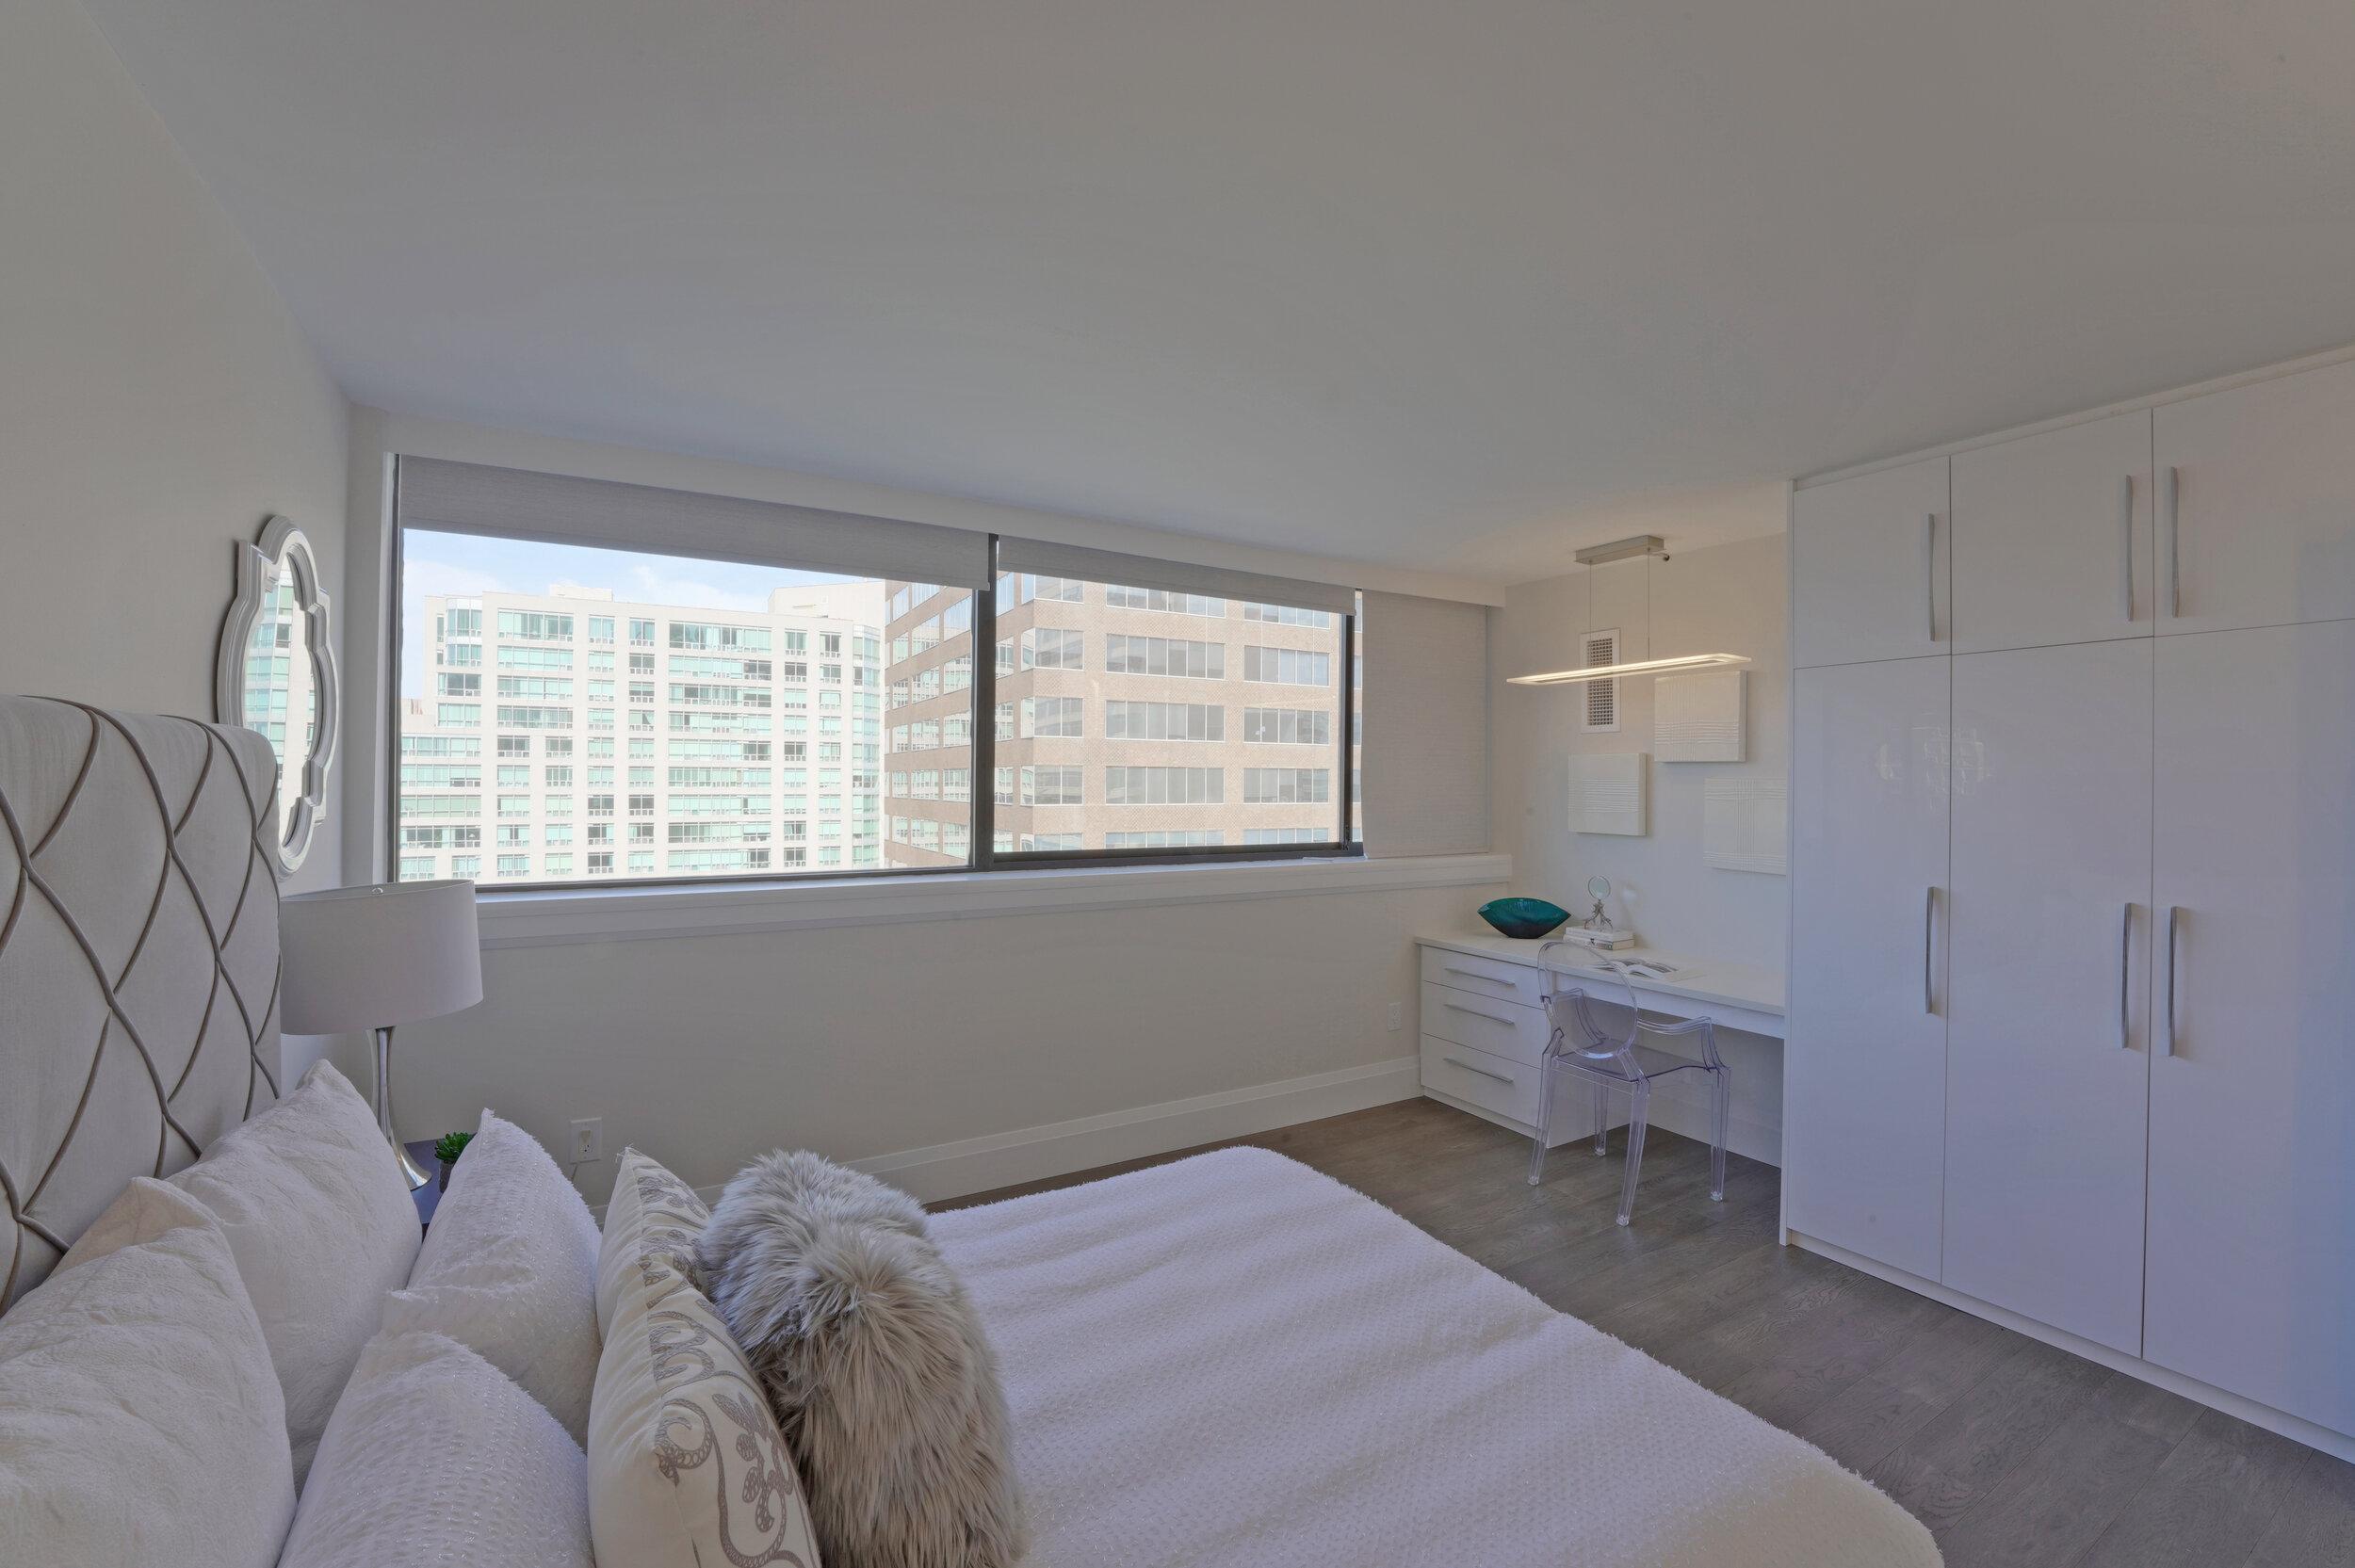 13 - Second Bedroom 1 - DSC00547_48_49_50_51.jpg